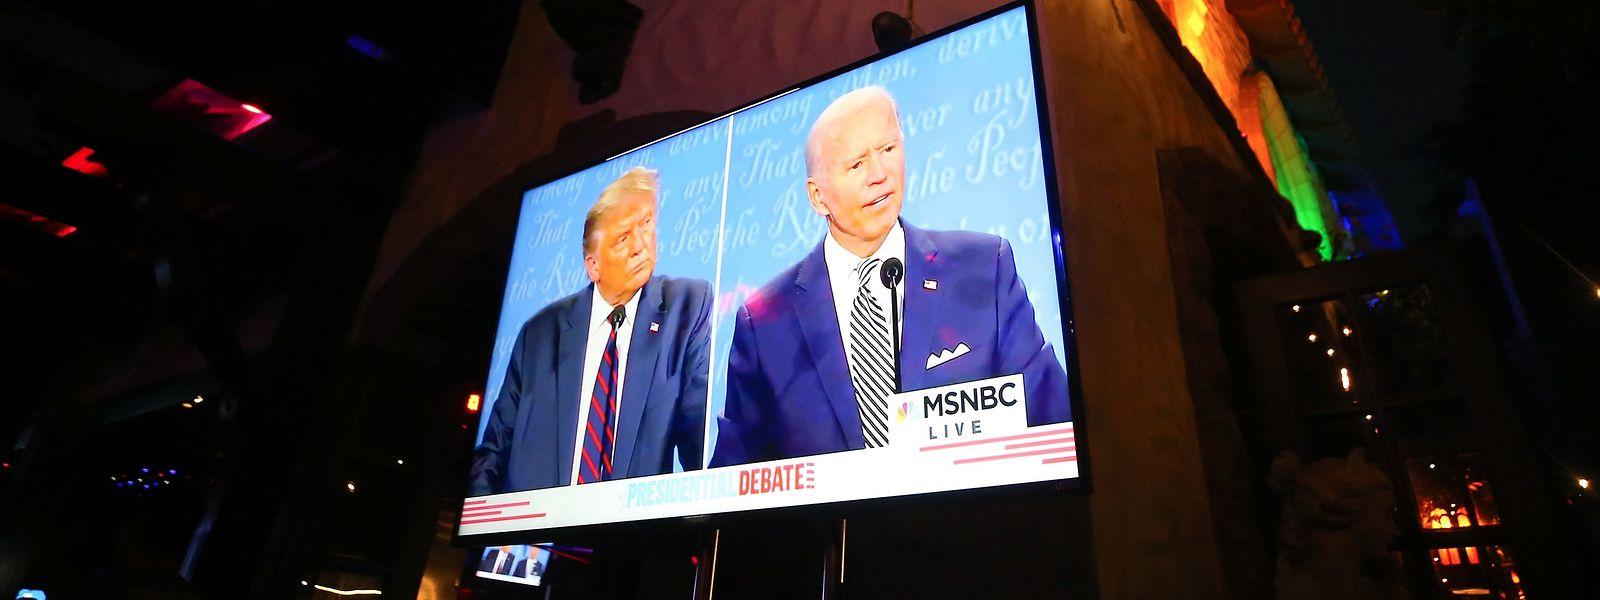 Le débat opposant les deux candidats à la Maison Blanche doit se tenir le 15 octobre prochain.